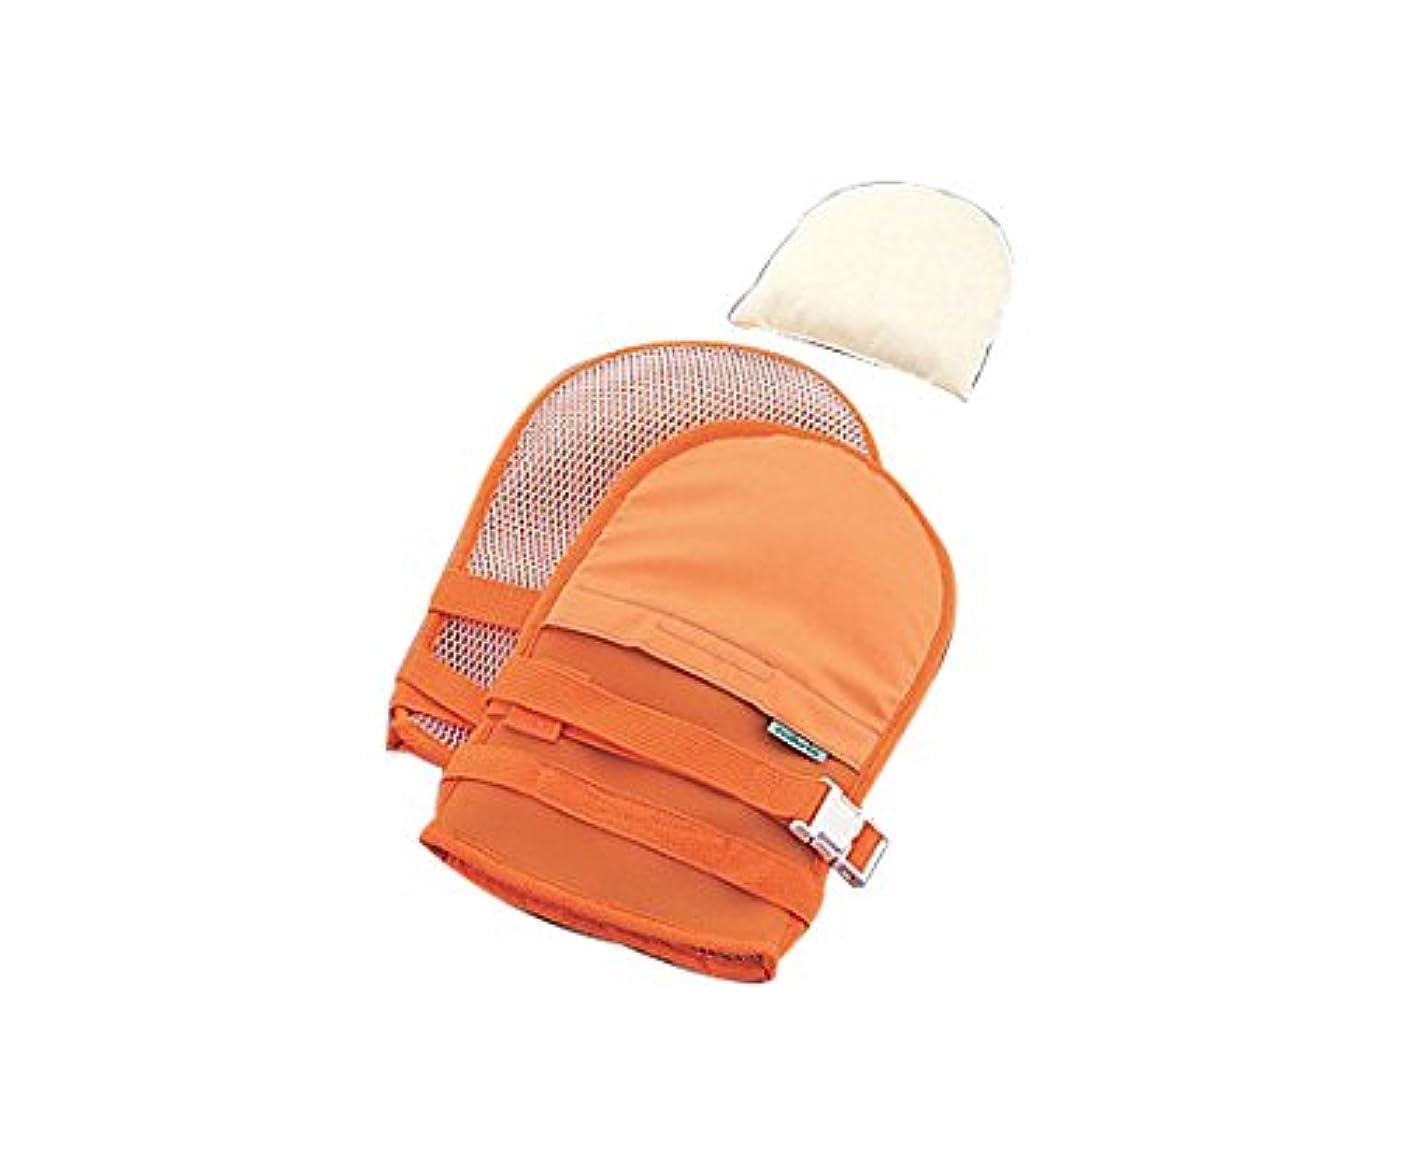 ブラウンタービン繁雑ナビス(アズワン)0-1638-41抜管防止手袋大メッシュオレンジ